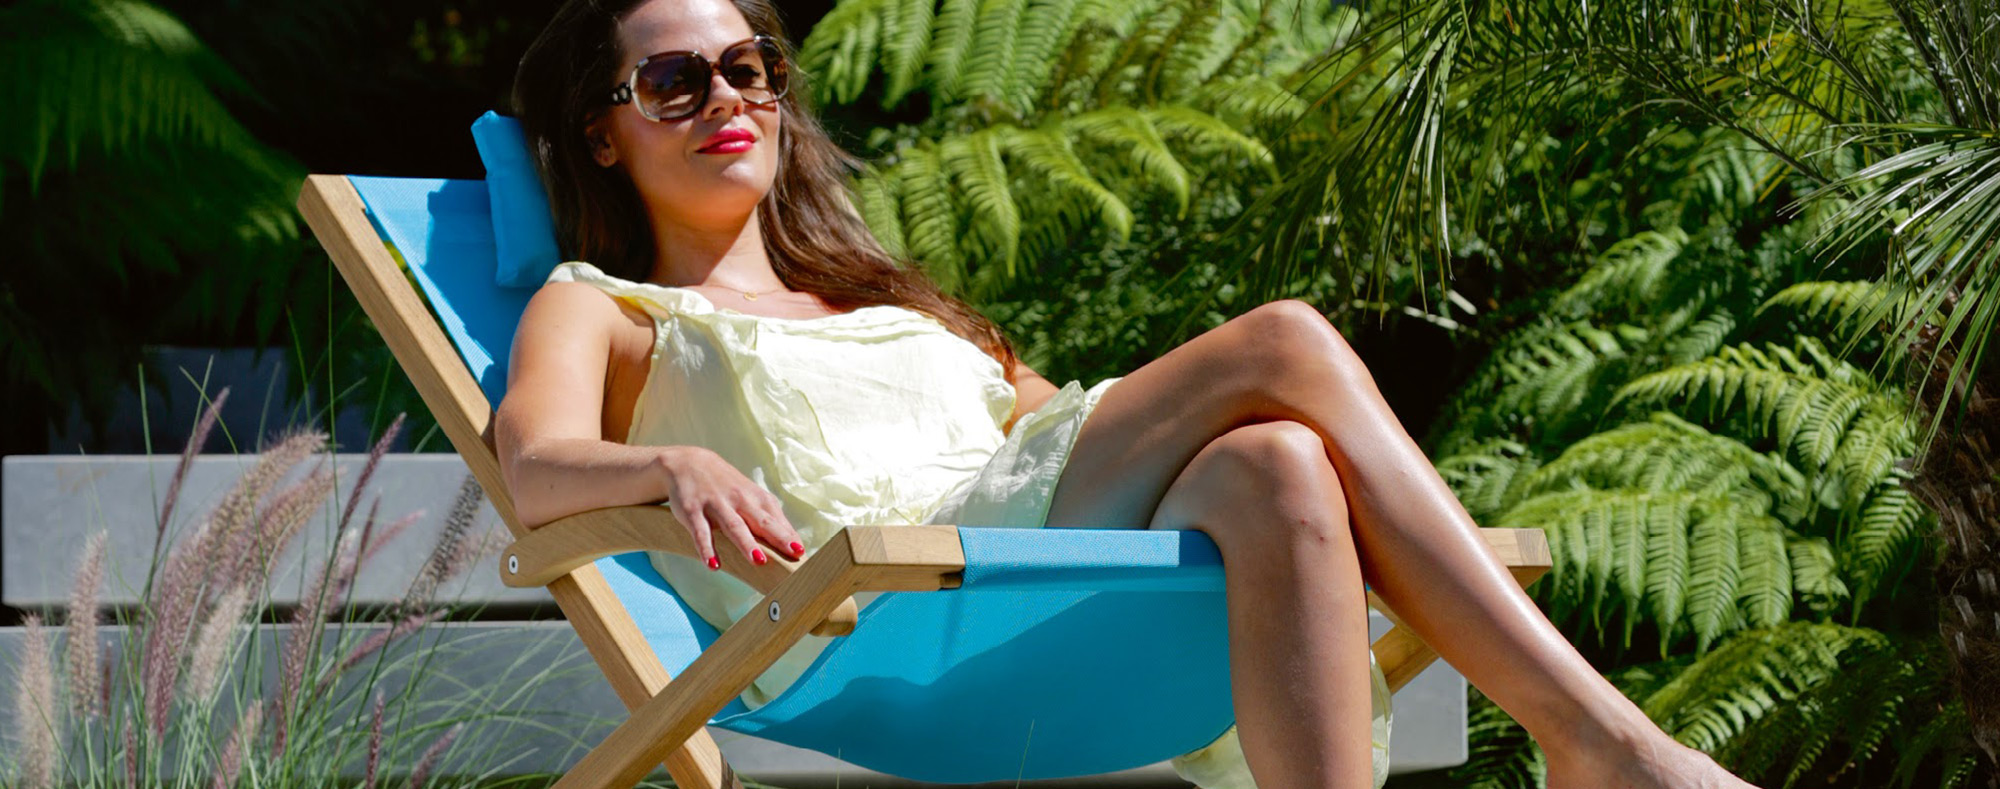 Woman relaxing on Beacher deck chair